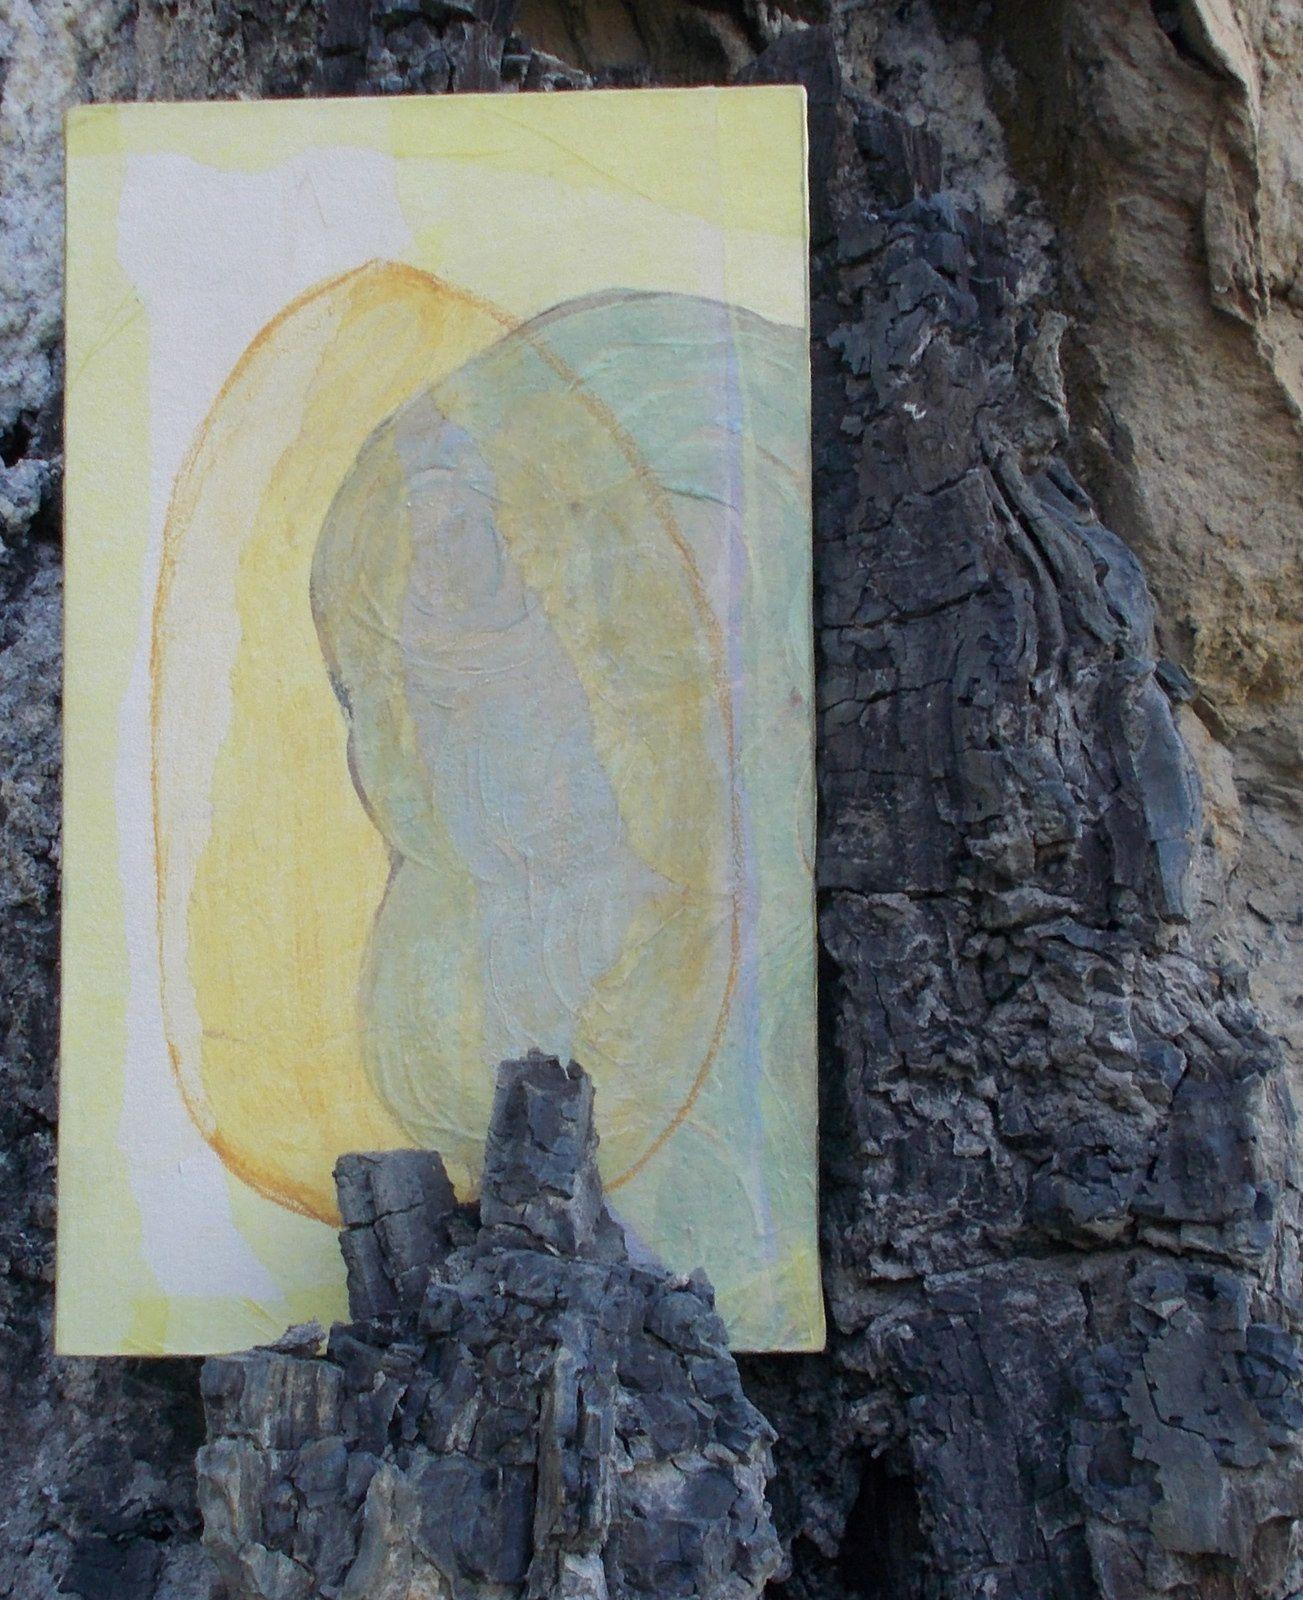 Couverture de Galets photographiée sur l'arbre fossile de la Galaure. Photos de Régis Roux. Avril 2017.